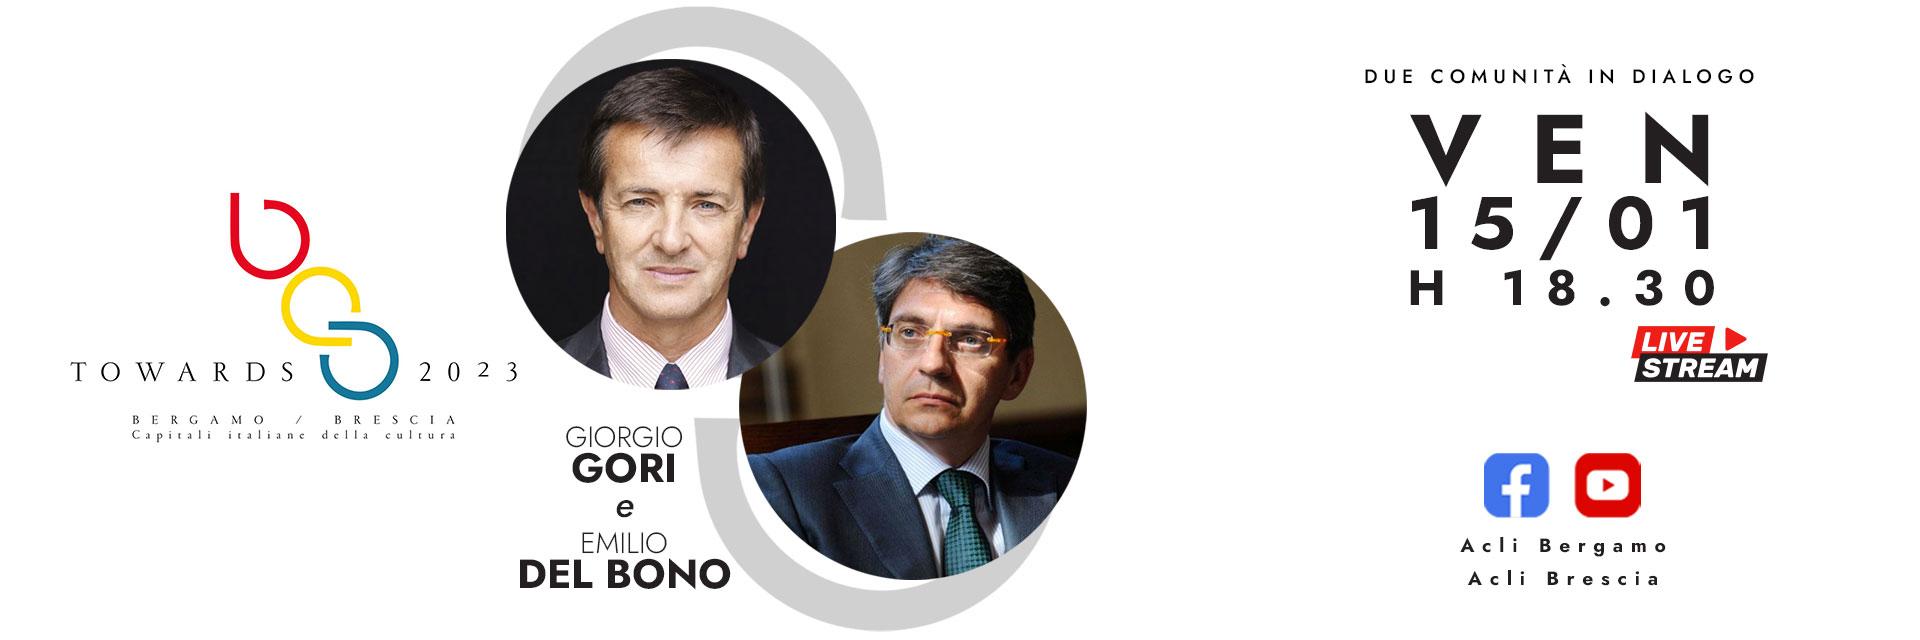 TOWARDS 2023: Giorgio Gori e Emilio Del Bono in dialogo